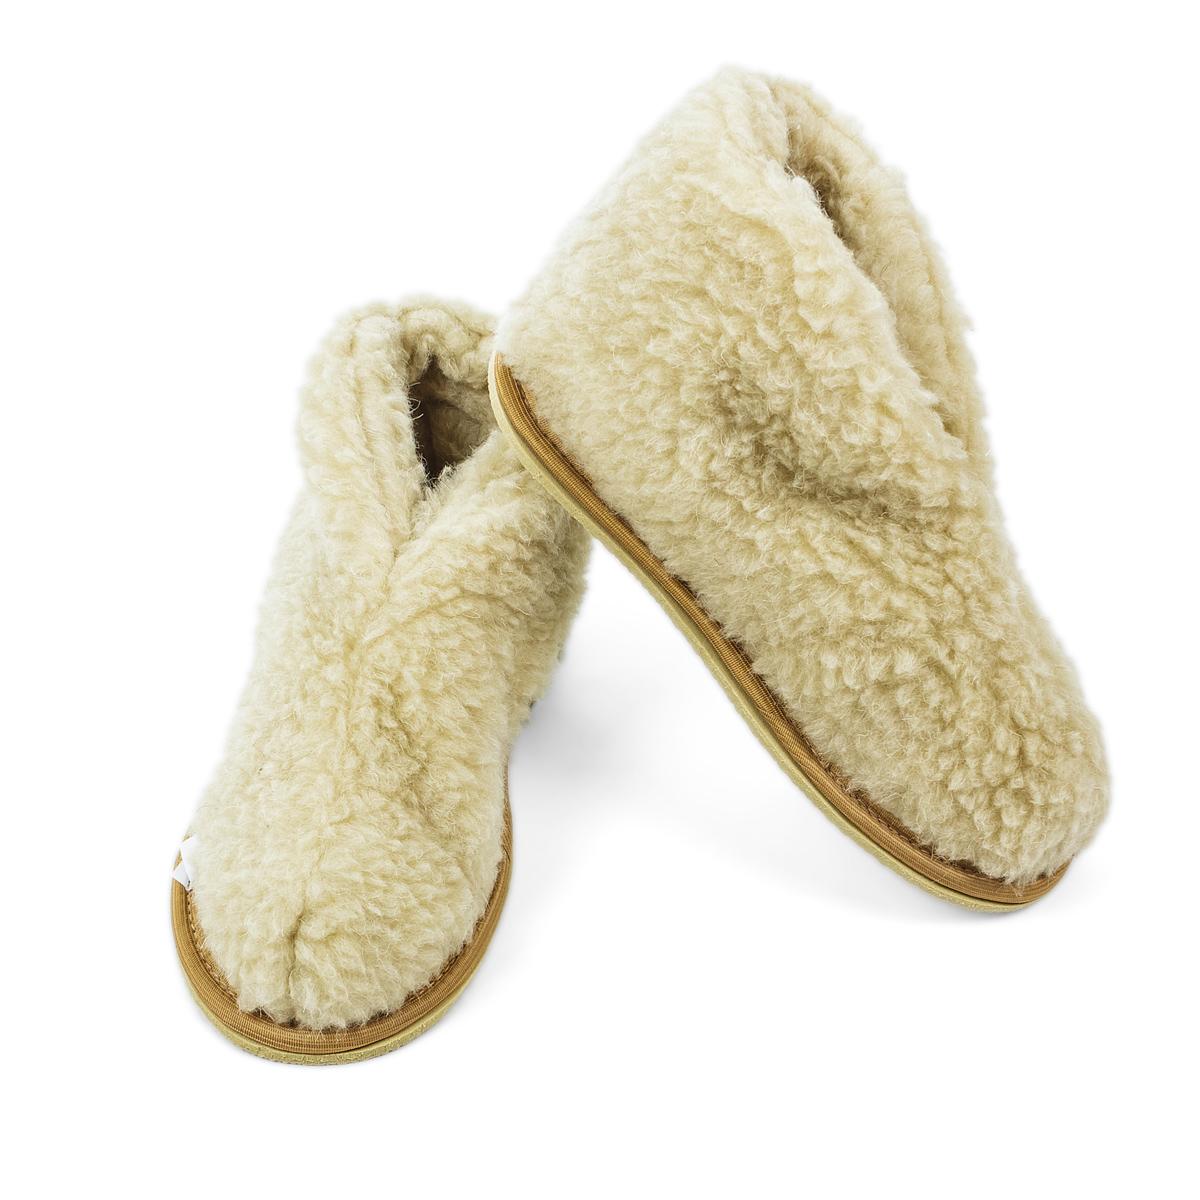 Обувь Бабуши Уют Бежевый р. 44-45Аксессуары и обувь<br><br><br>Тип: Обувь<br>Размер: 44-45<br>Материал: Овечья шерсть